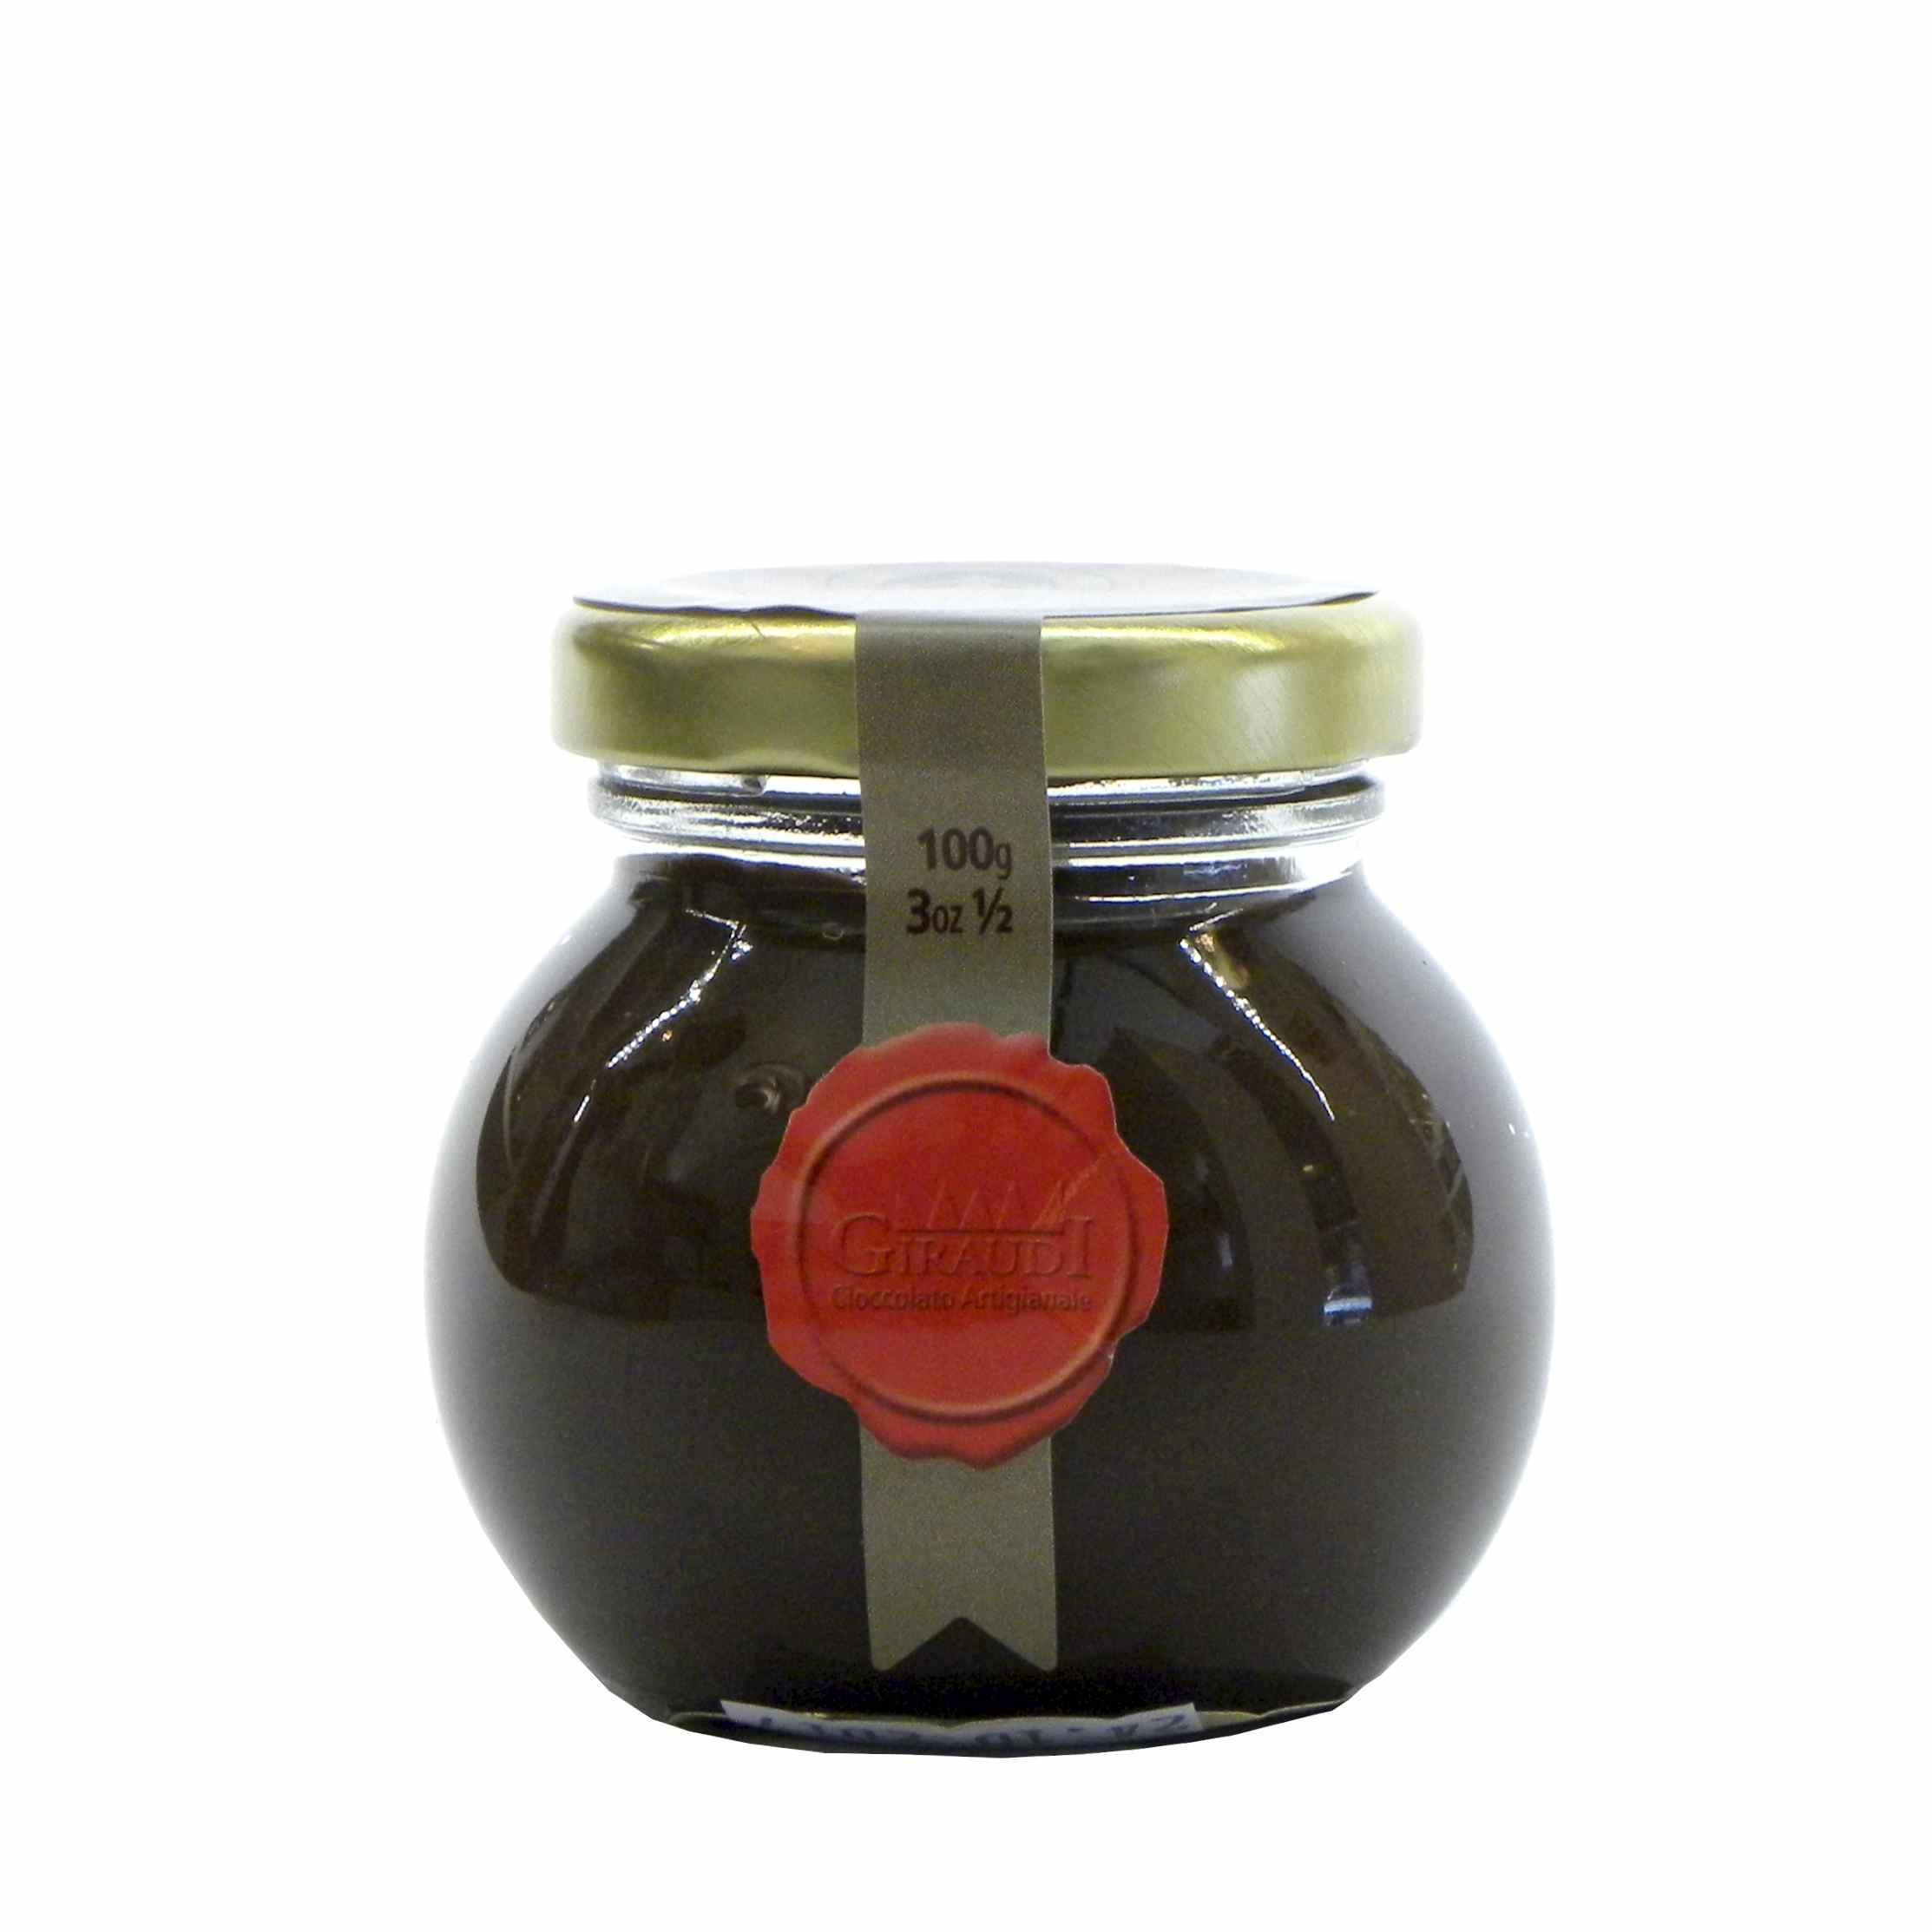 Giraudi Giacometta caffè crema nocciole  100 g – Giraudi Giacometta coffee chocolate spread 100 g – Gustorotondo – Italian food boutique